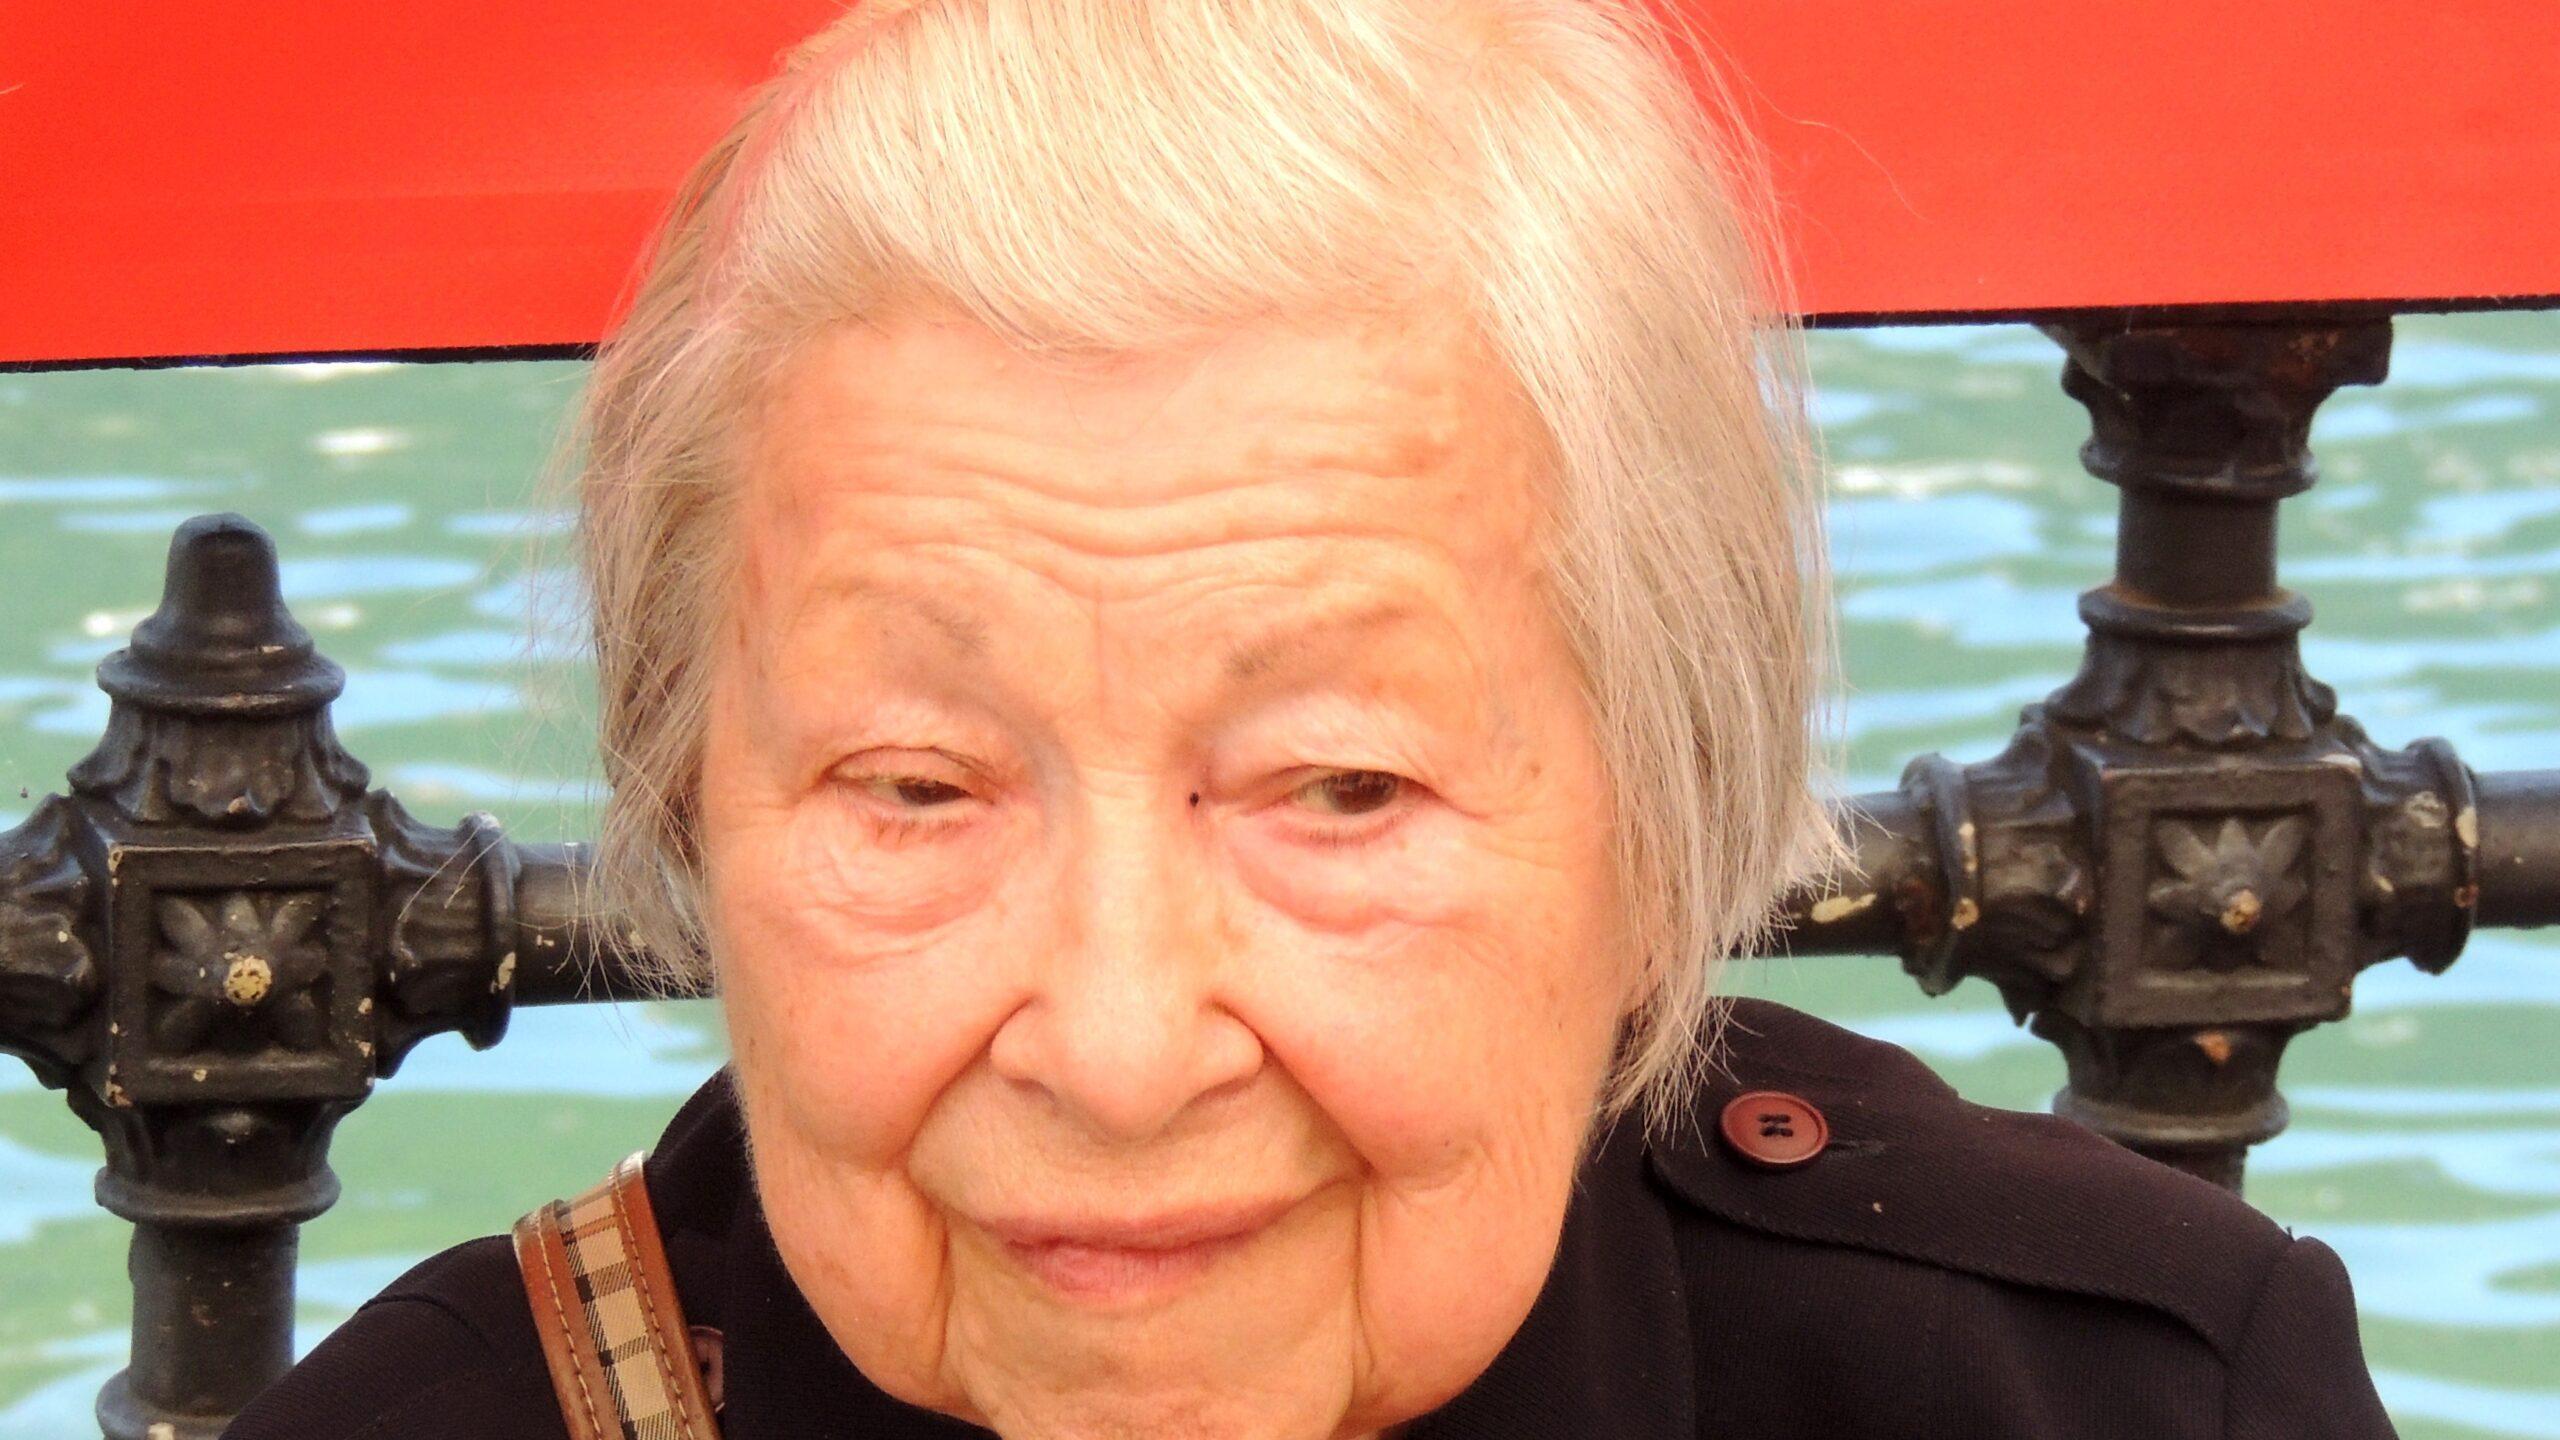 Addio a Lidia Menapace, la partigiana combattente che rifiutò le armi: femminista, pacifista e voce libera